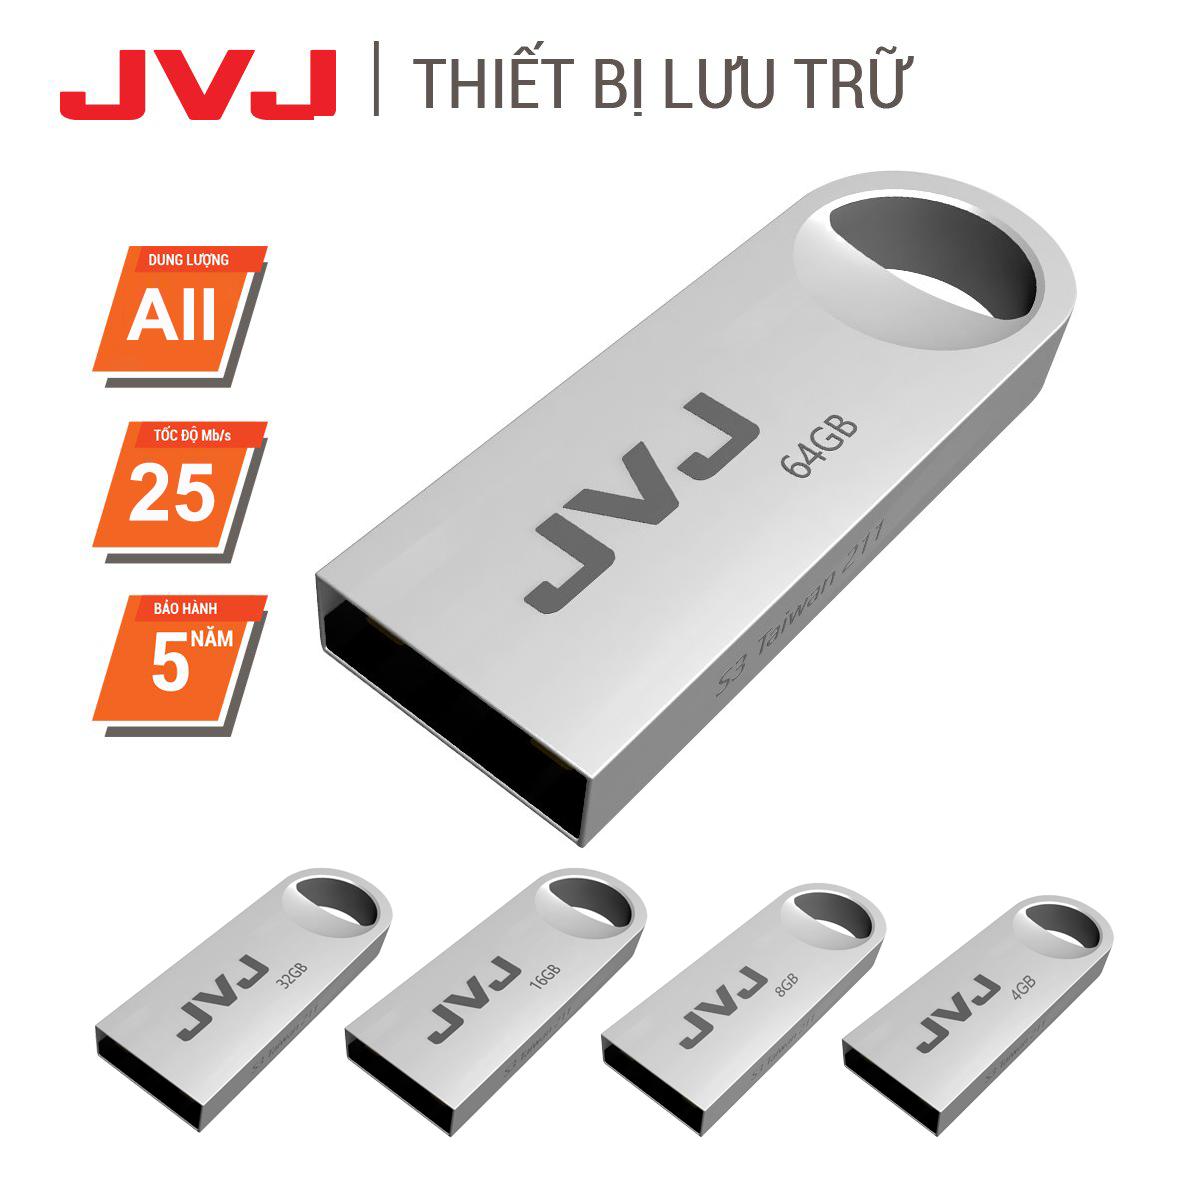 USB 64Gb/32Gb/16Gb/8Gb/4Gb JVJ S3 siêu nhỏ vỏ kim loại – USB 2.0, tốc độ upto 30MB/s siêu nhỏ chống sốc chống nước, thiết kế vỏ nhôm nhỏ gọn, Flash Drive đầu kim loại siêu nhẹ kết nối nhanh Bảo hành 2 Năm 1 đổi 1 chính hãng